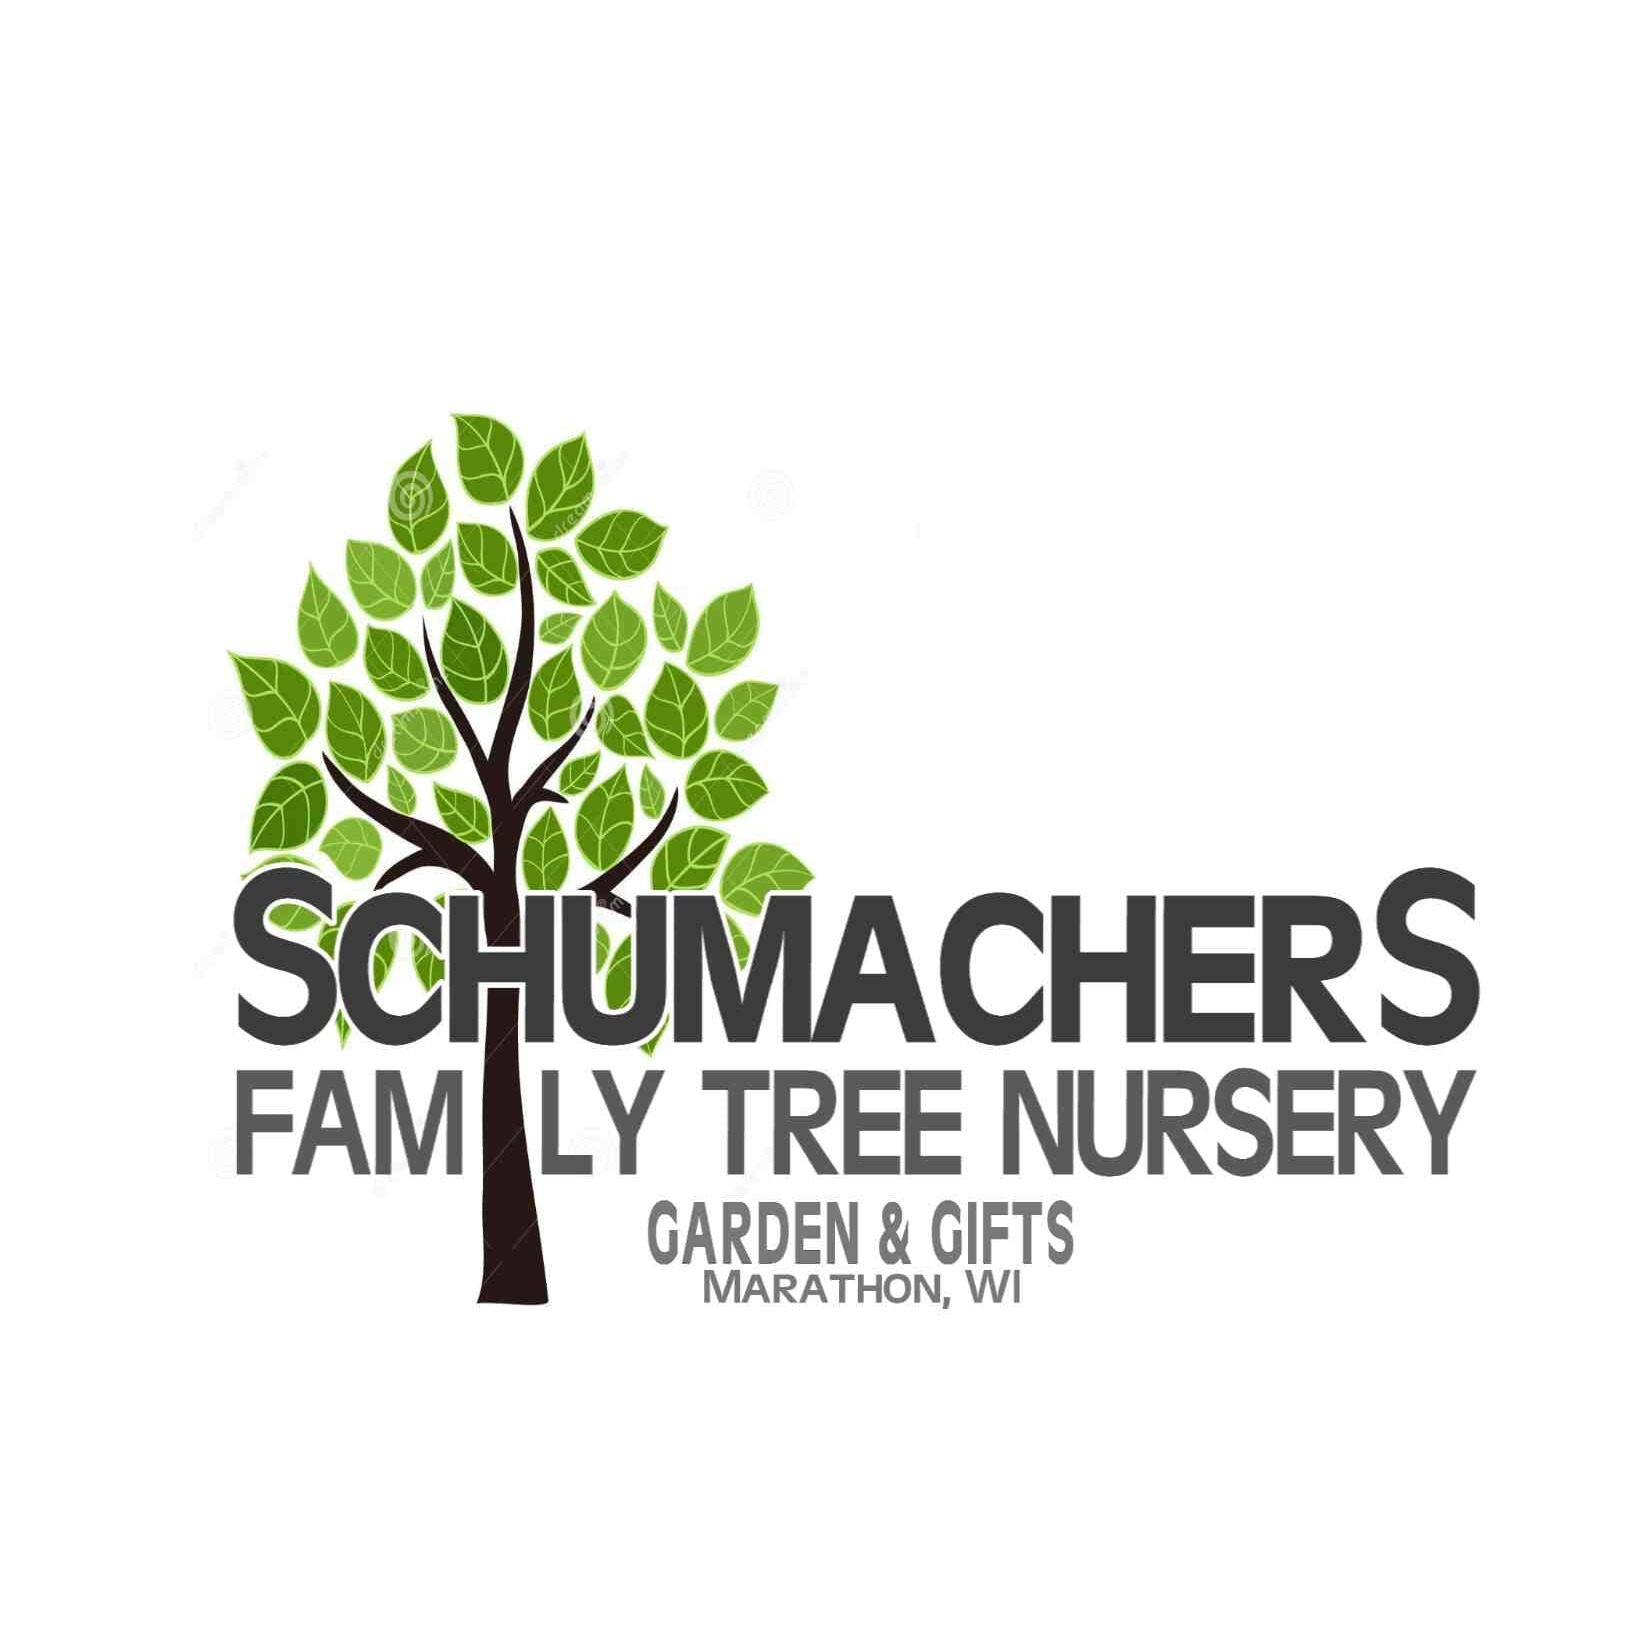 Schumacher's Family Tree Nursery Logo